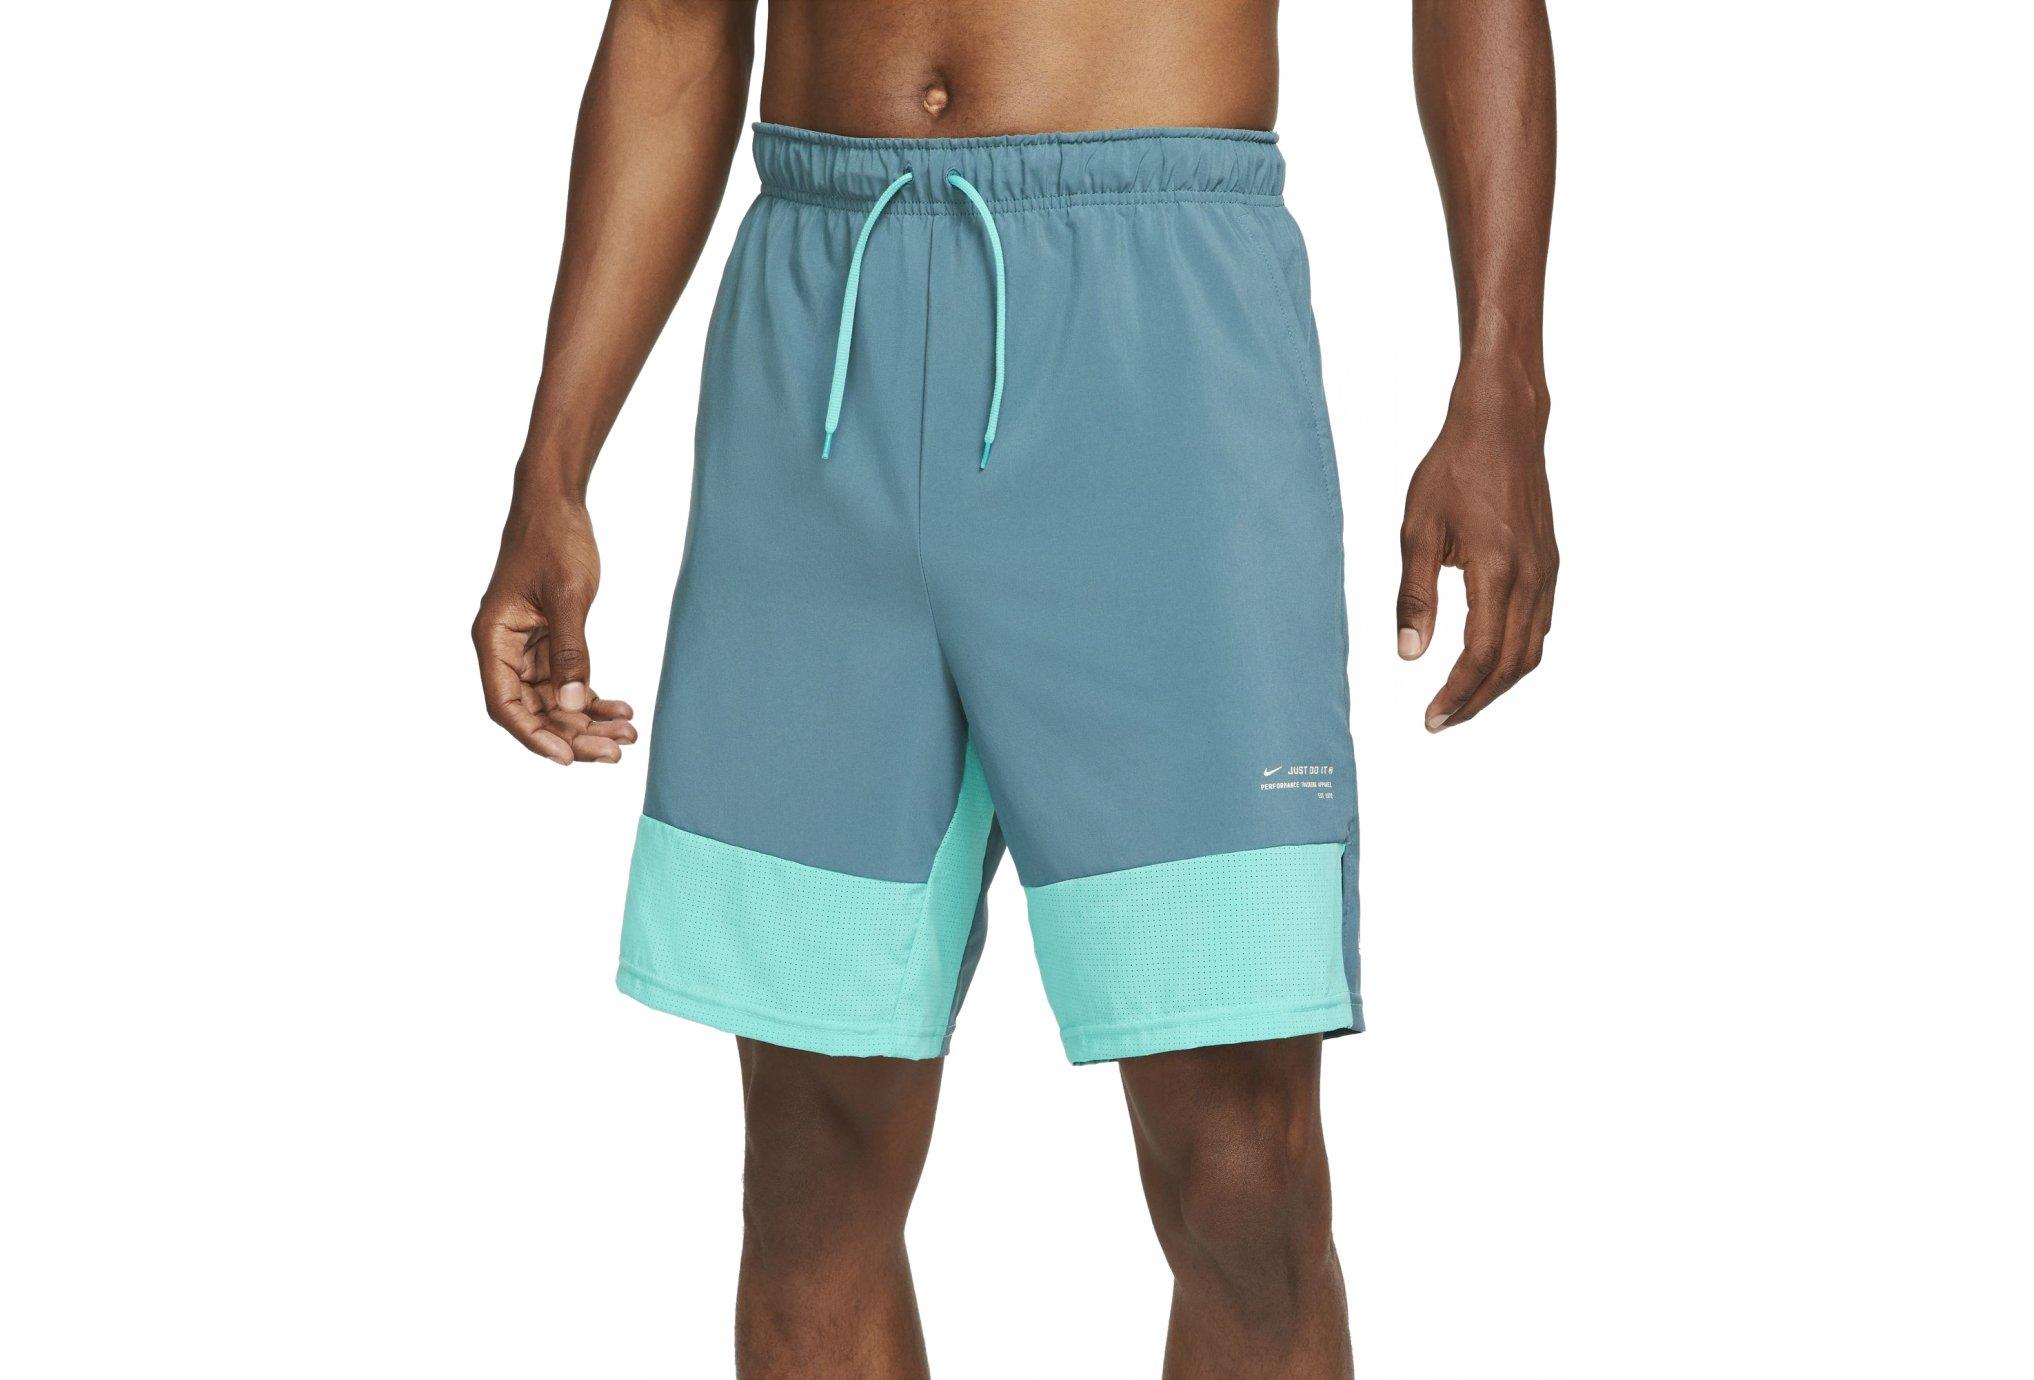 Nike Flex Woven M vêtement running homme